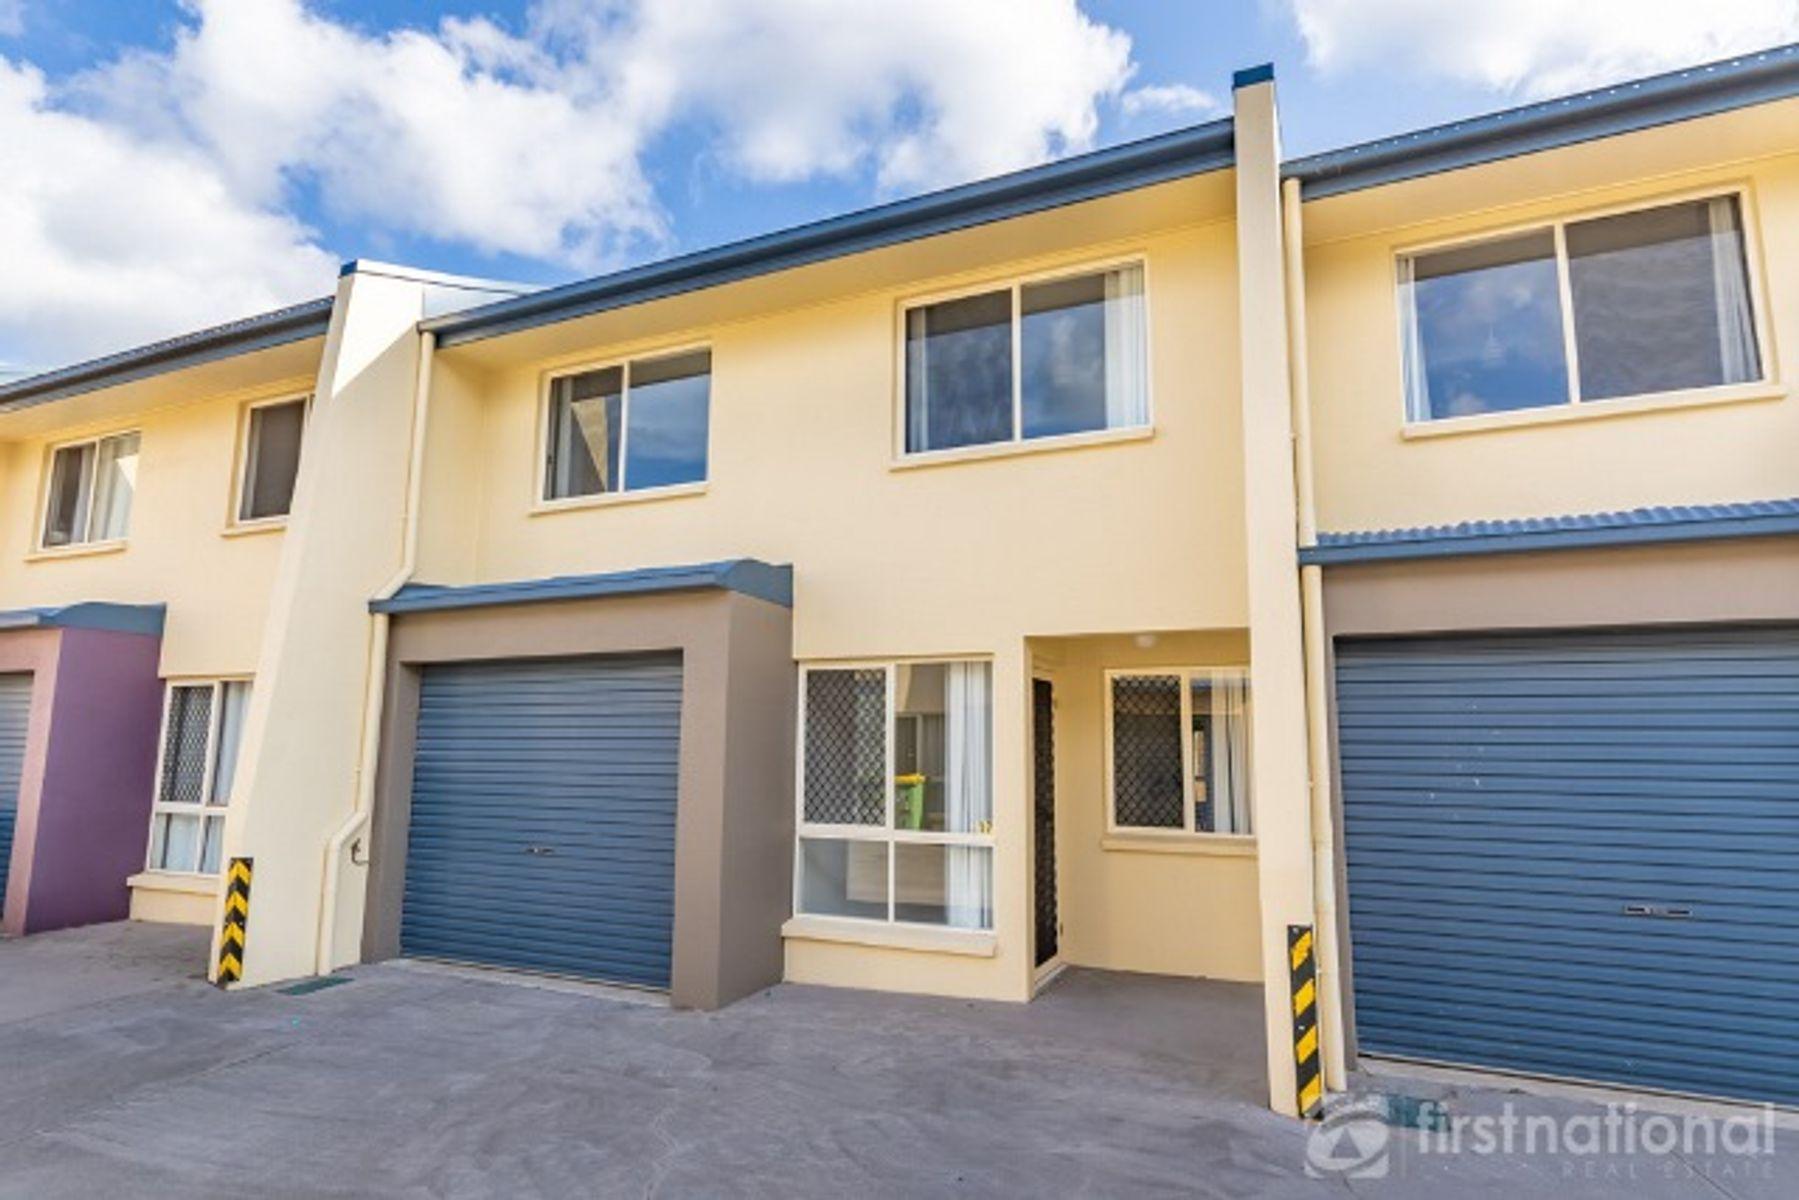 14/84 Simpson Street, Beerwah, QLD 4519